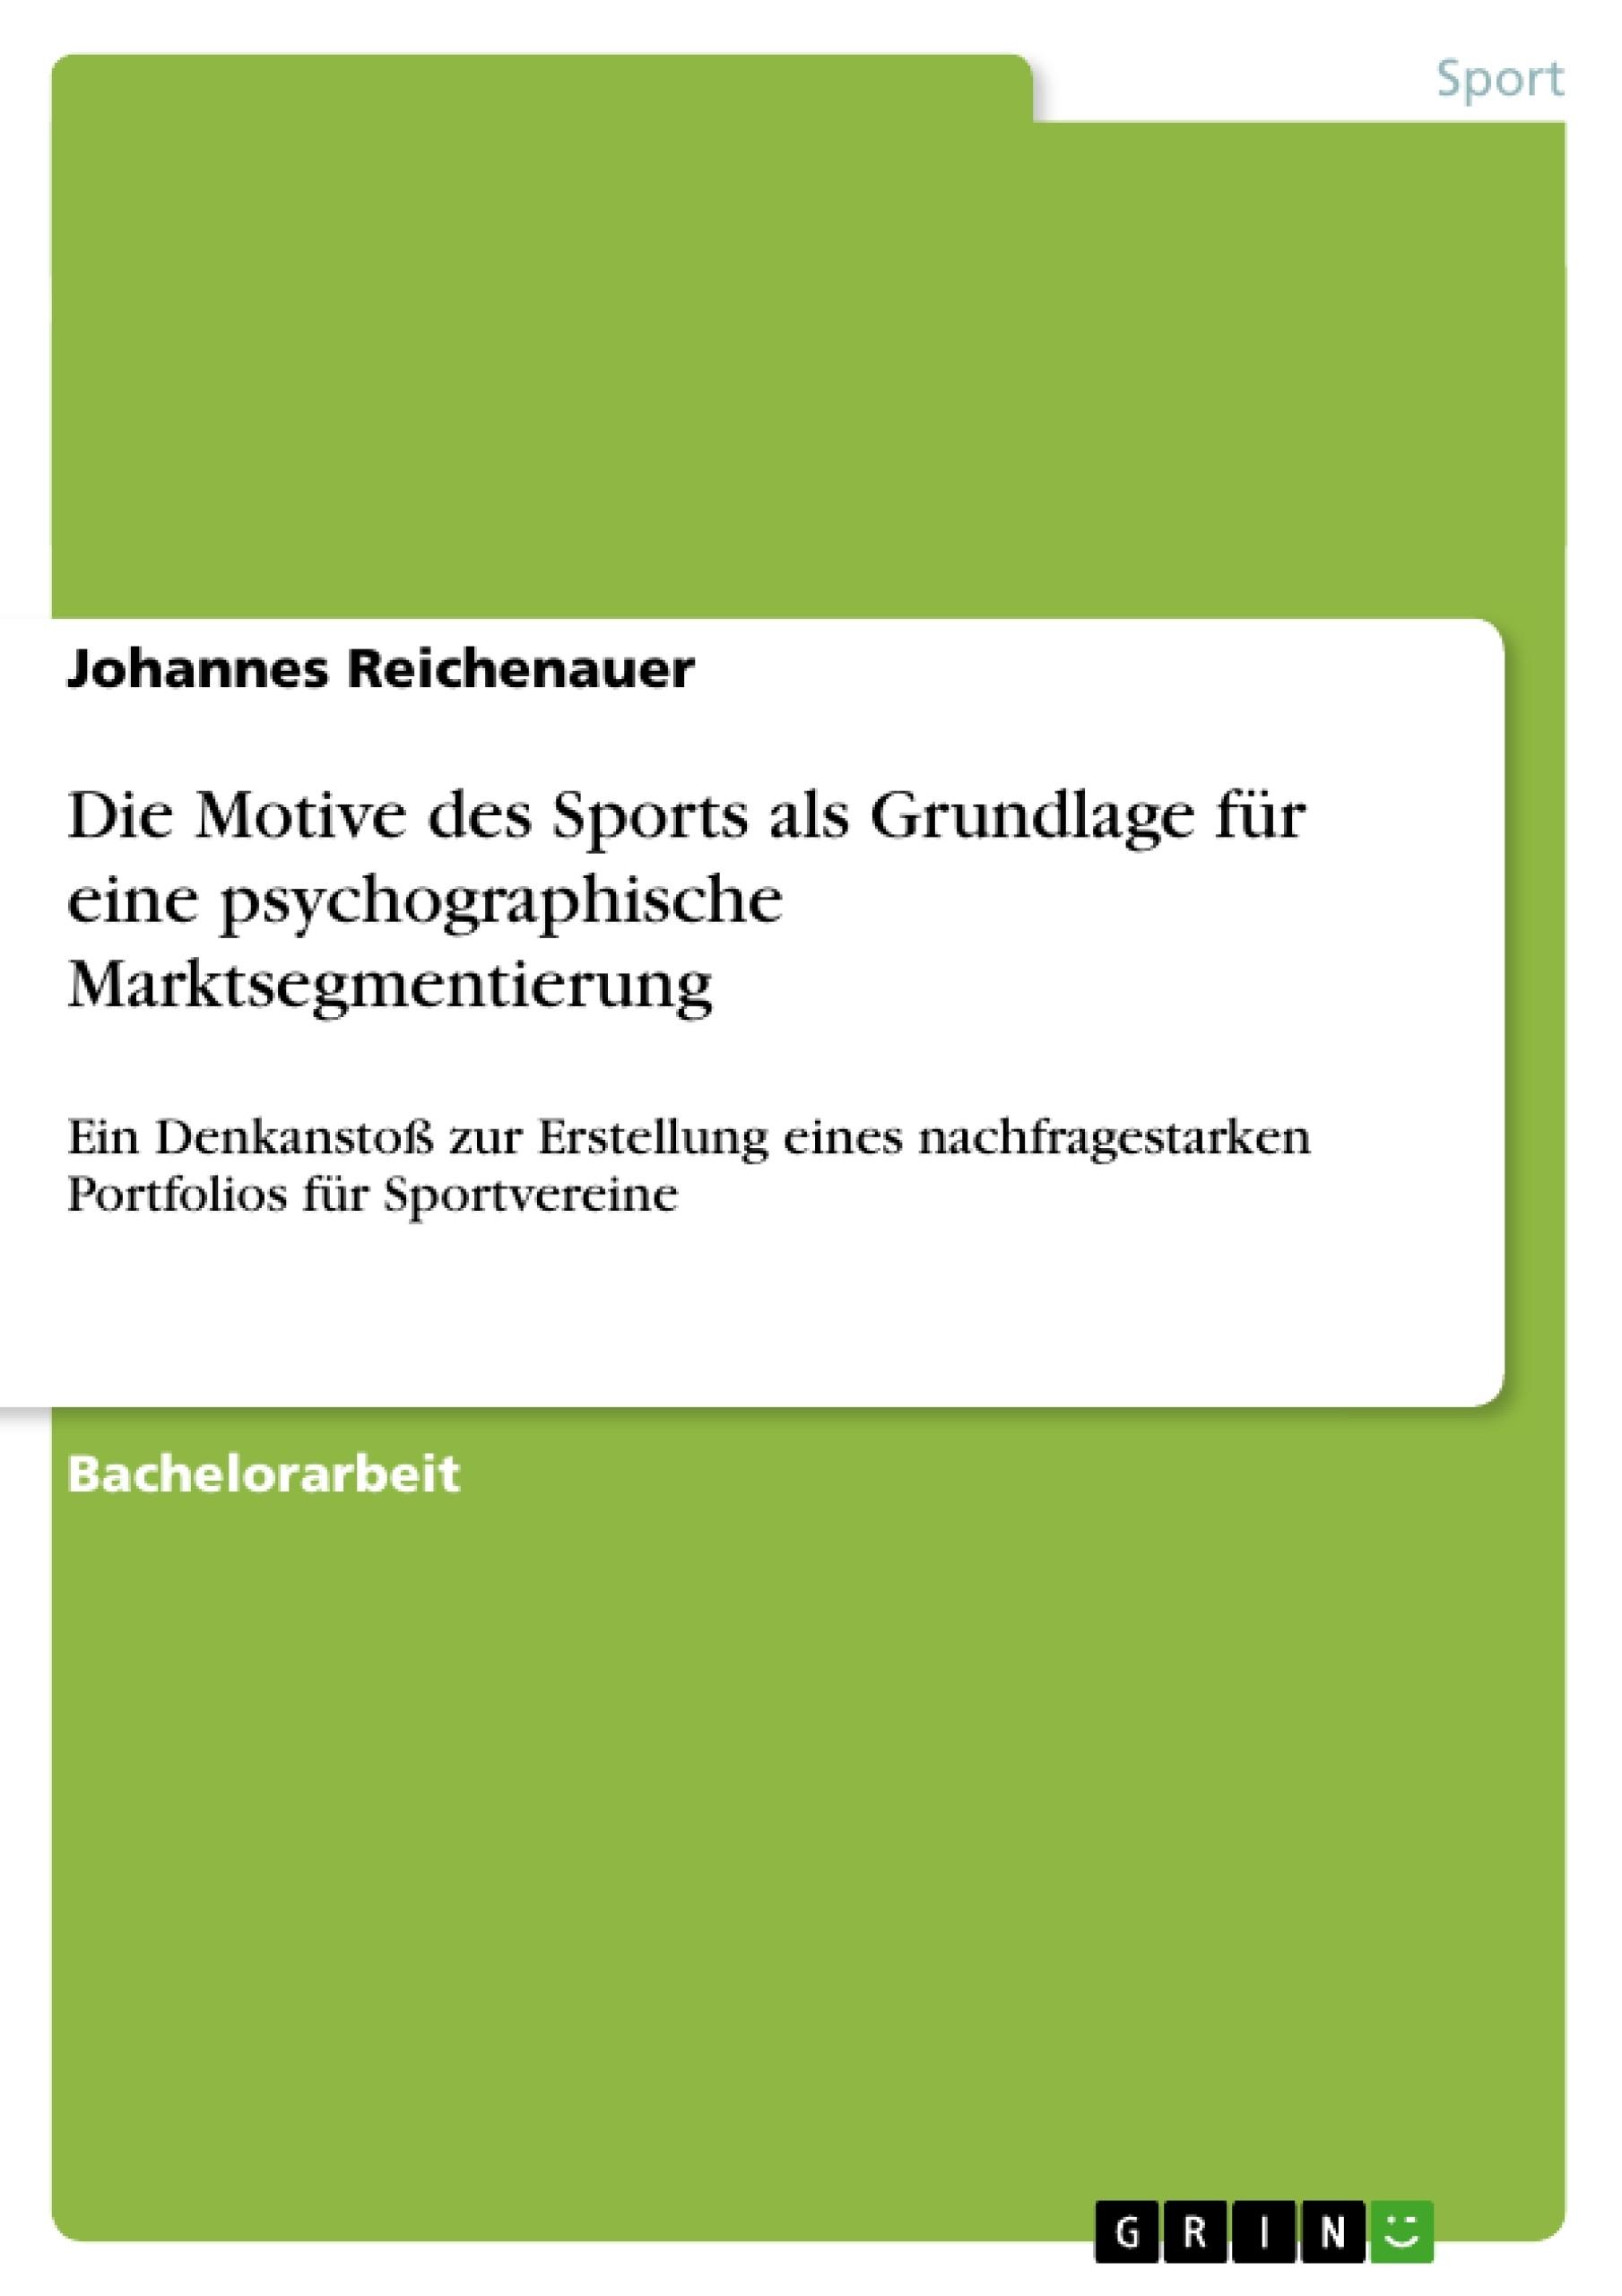 Titel: Die Motive des Sports als Grundlage für eine psychographische Marktsegmentierung